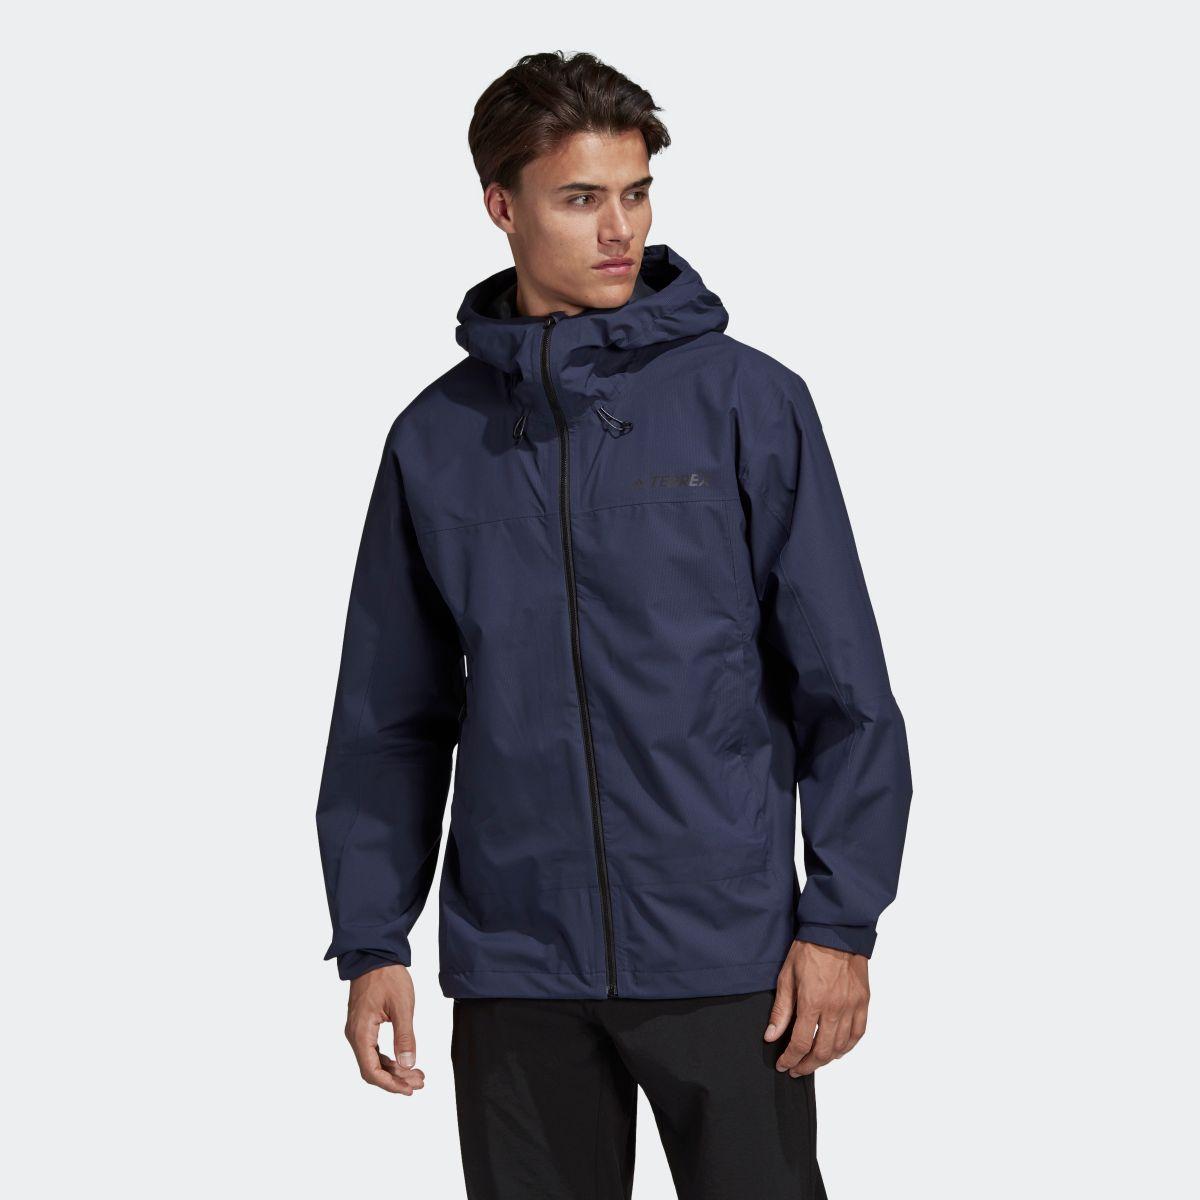 【公式】アディダス adidas SWIFT Climaproof 2.5L Jacket メンズ アウトドア ウェア アウター ジャケット DT4112 fw2019_eoss